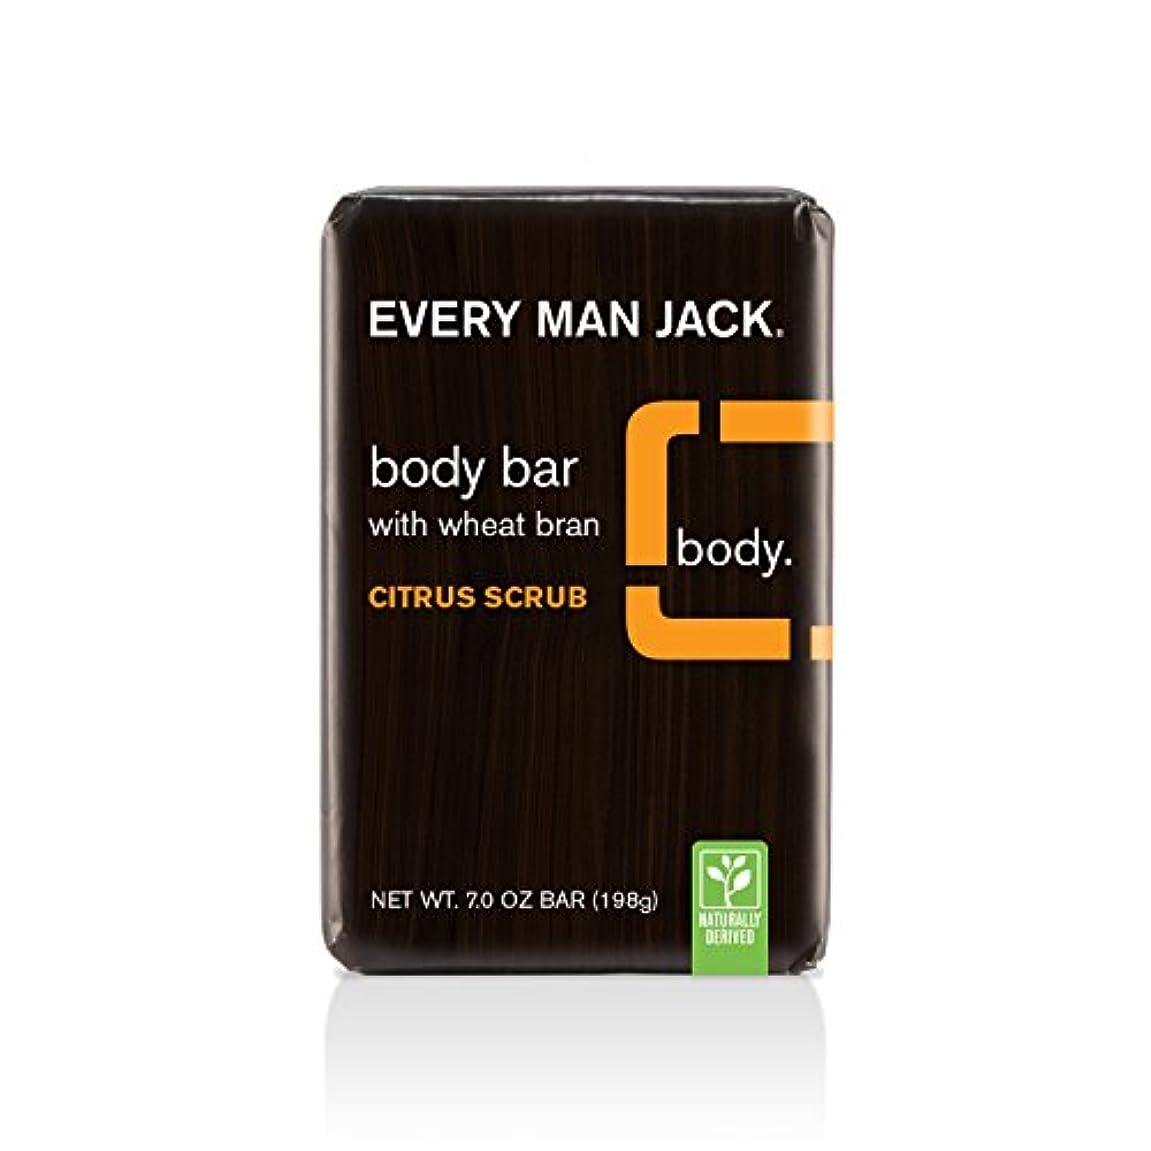 指導する部簡略化する海外直送品Body Bar Soap, Citrus Scrub 7 oz by Every Man Jack